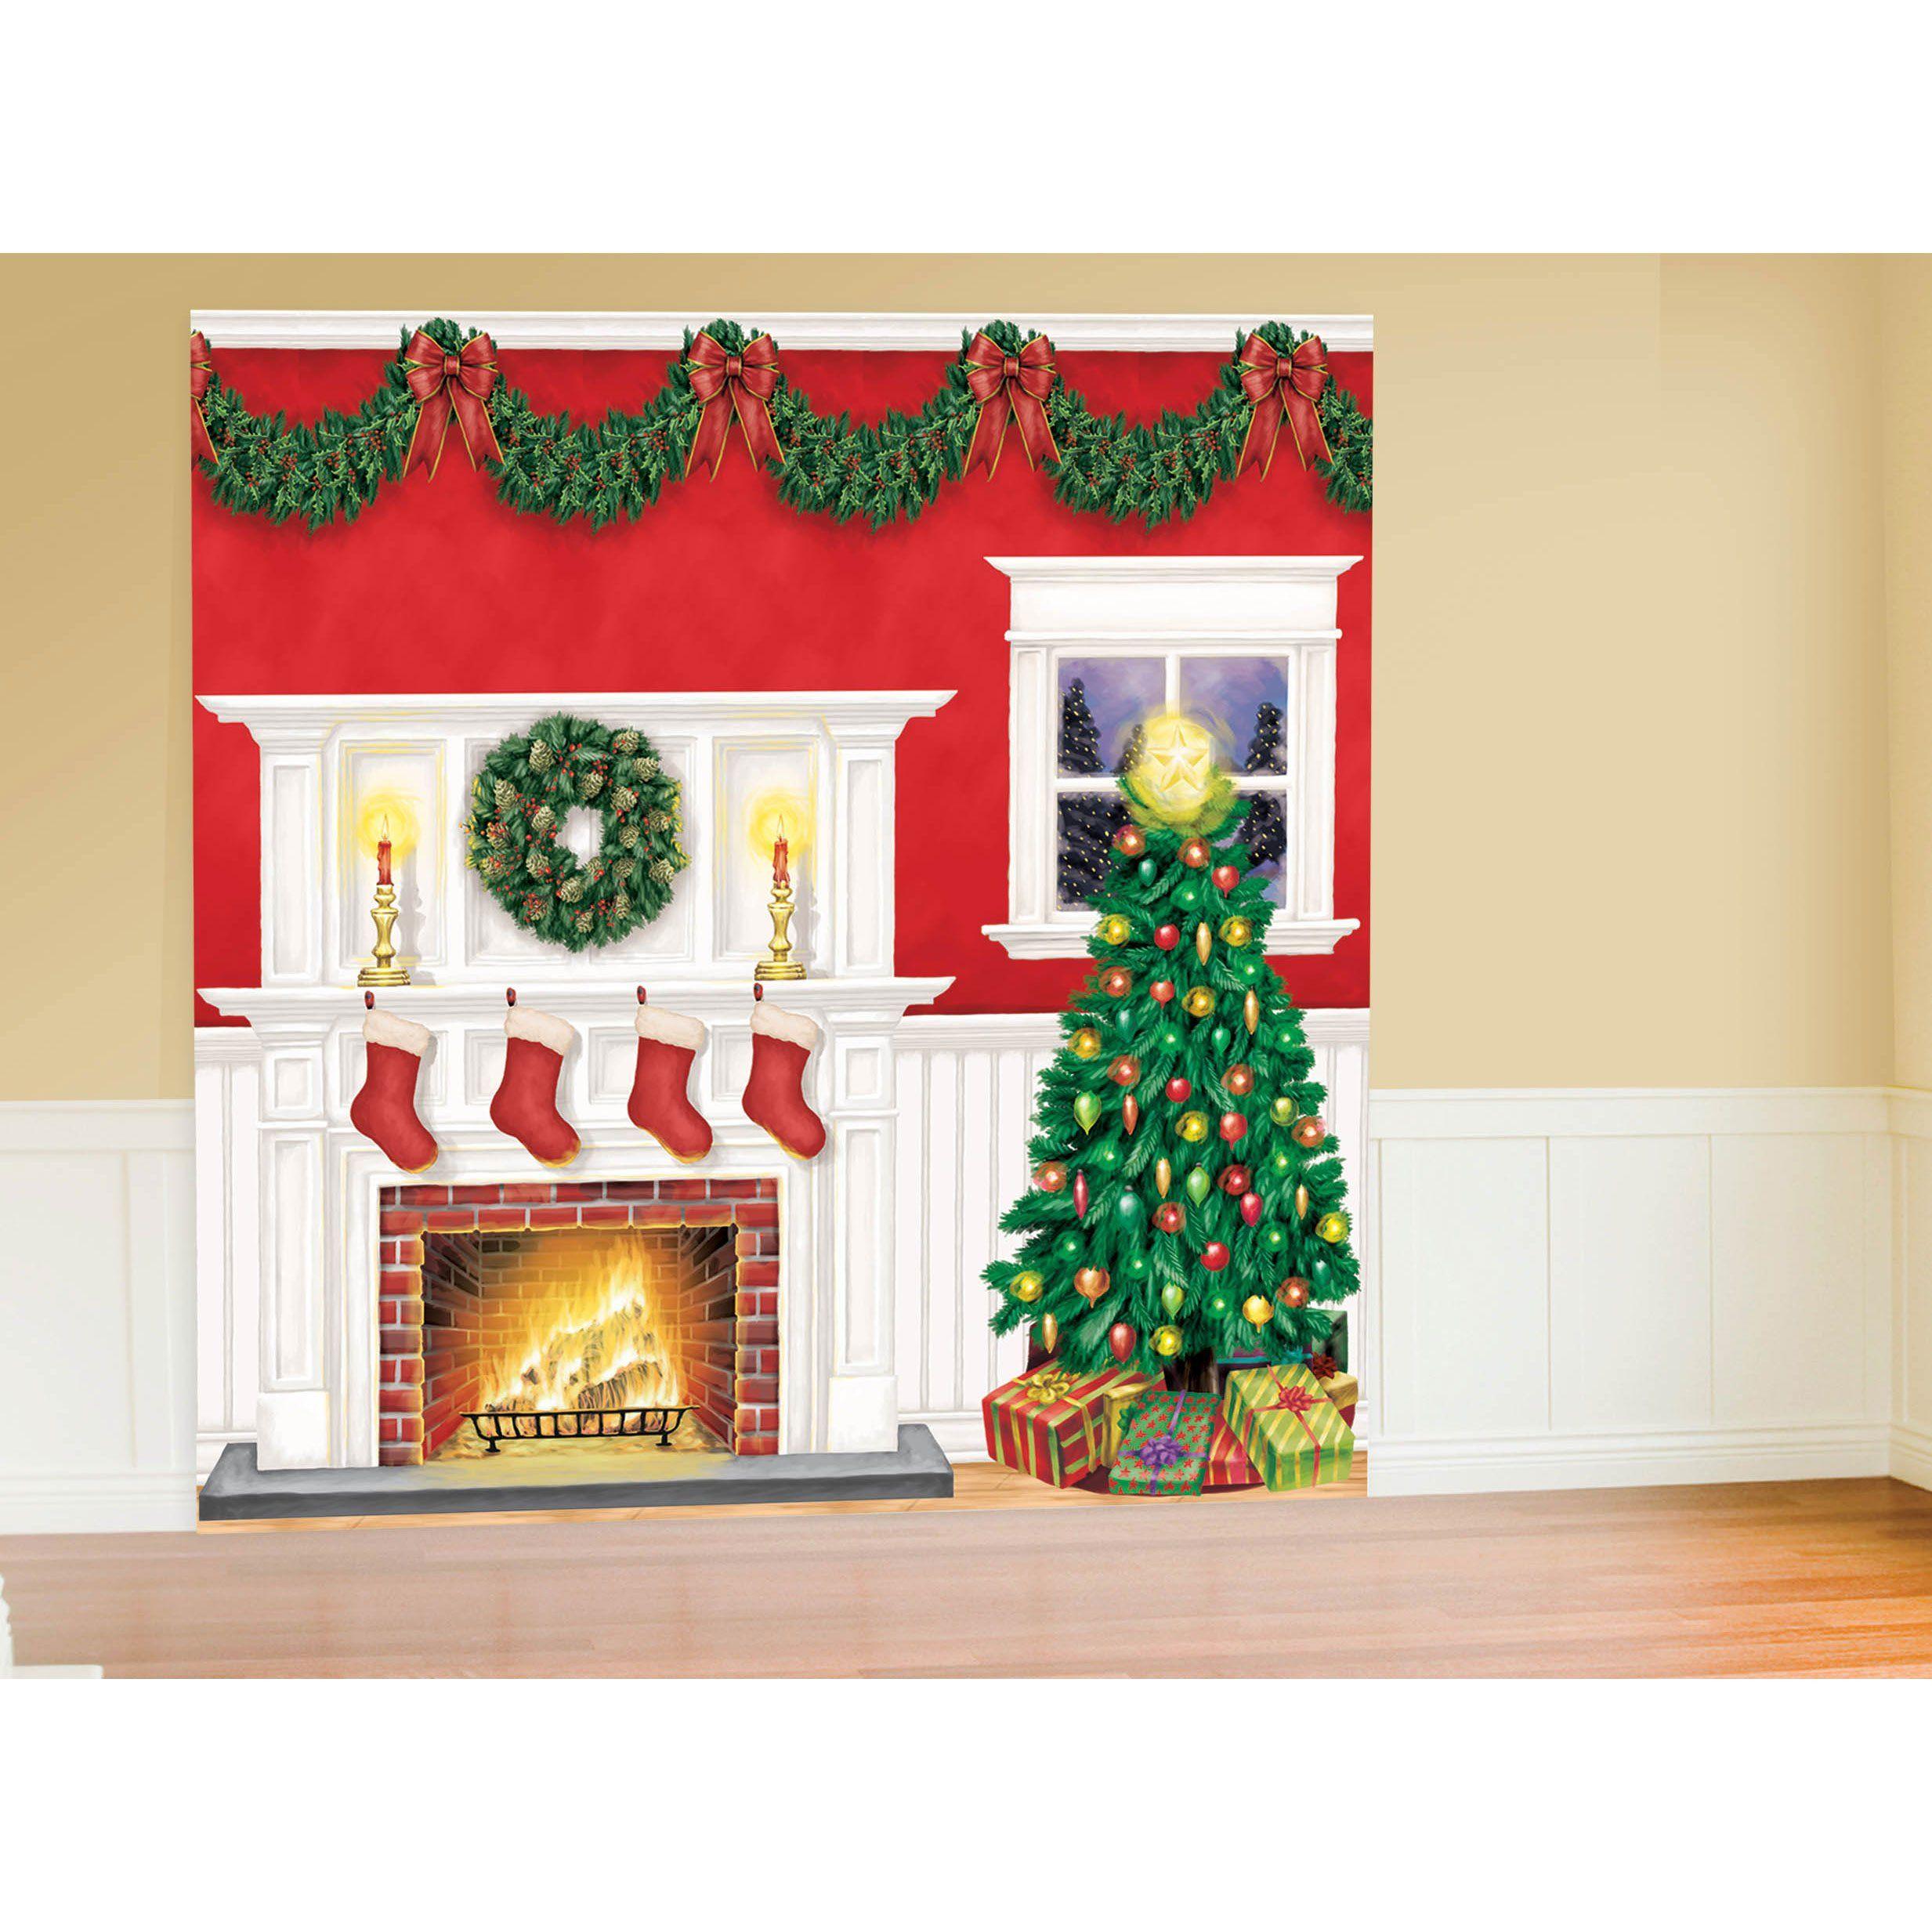 Traditional Christmas Scene Setter - amazon | Christmas fair | Pinterest